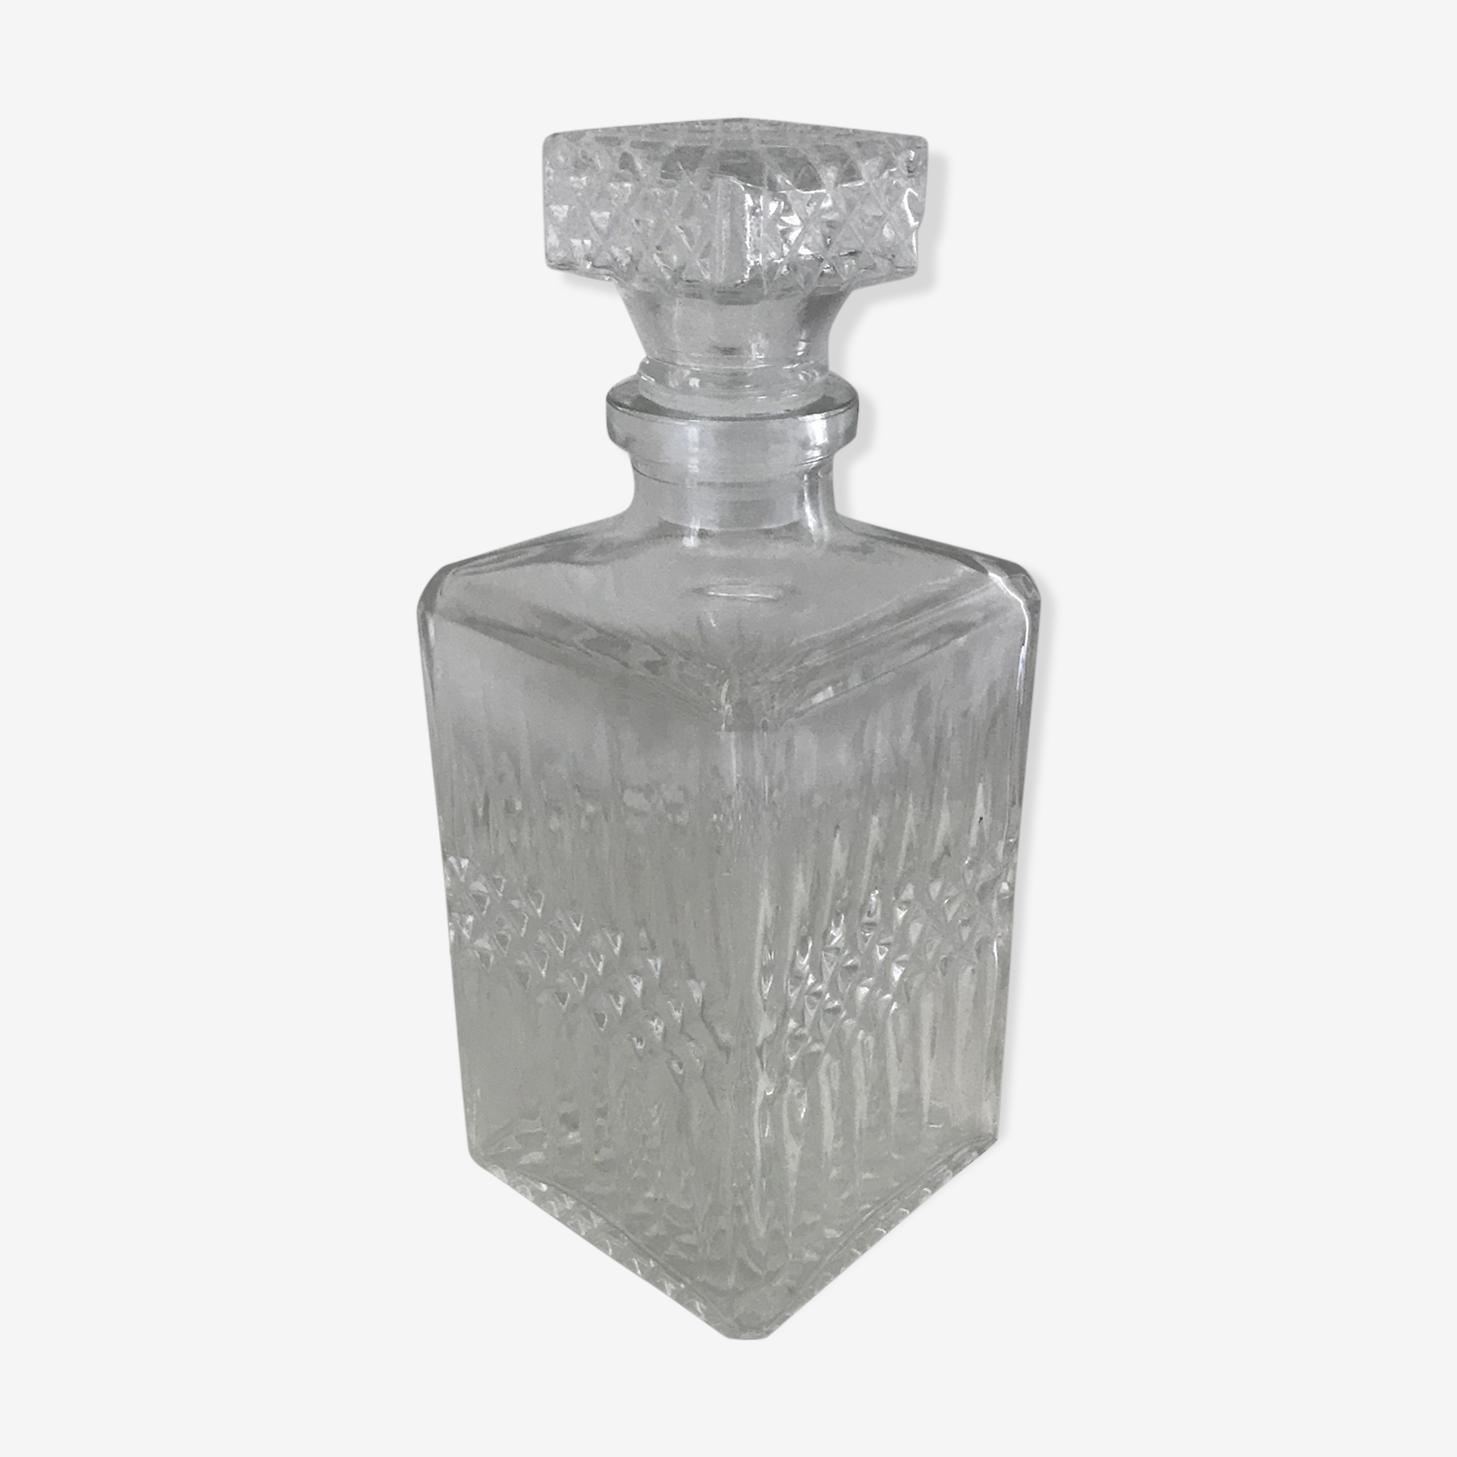 Cafare à whisky en verre moulé effet taille diamant